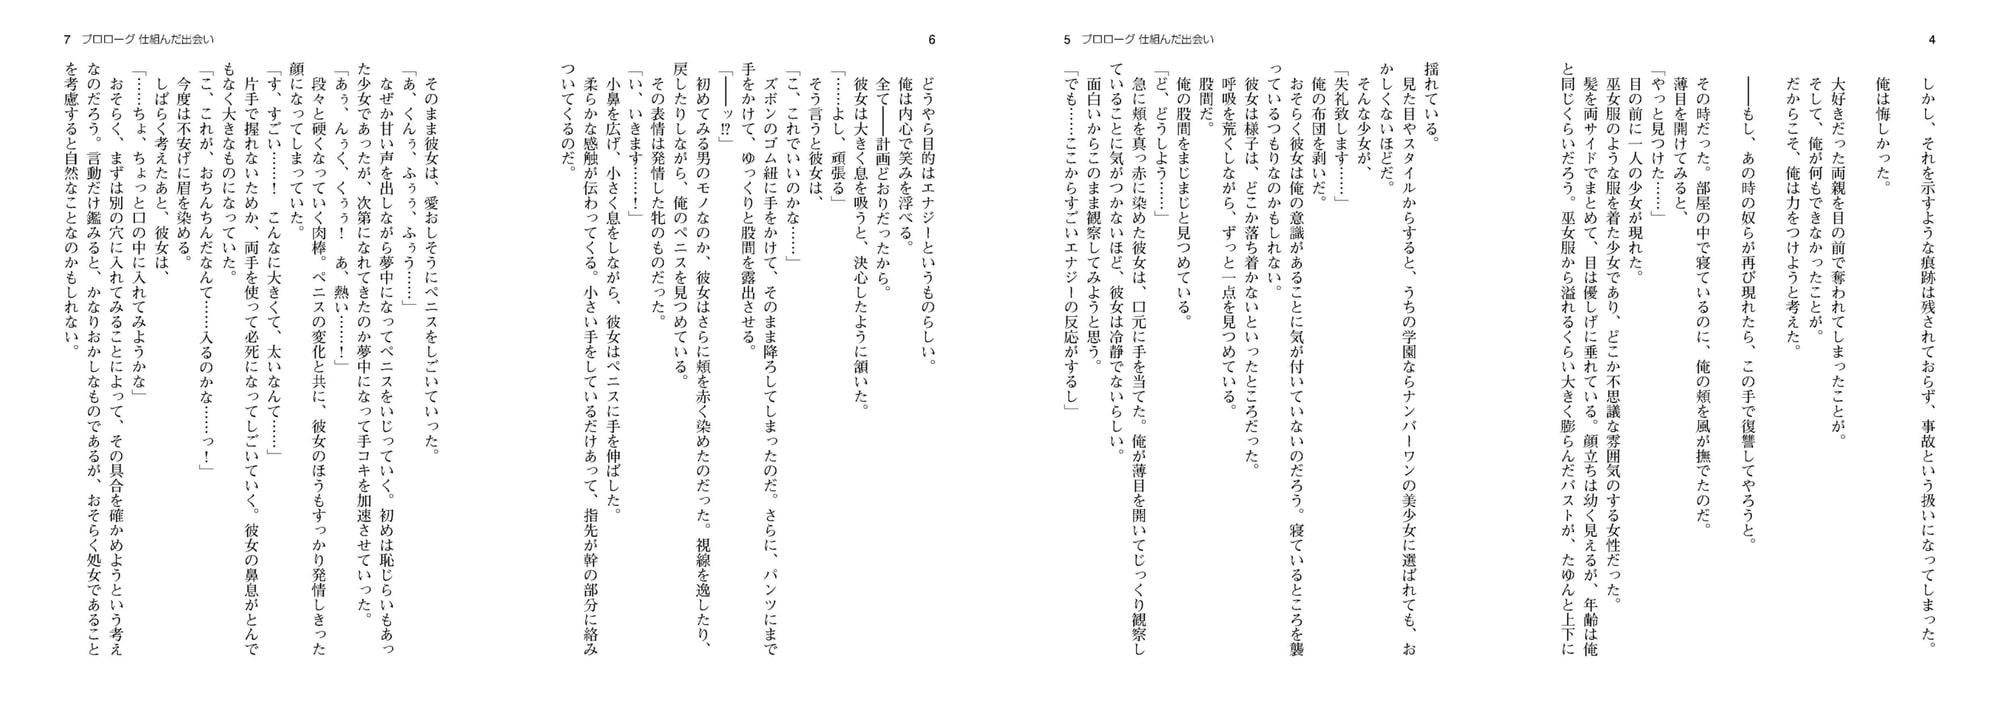 sample CG03